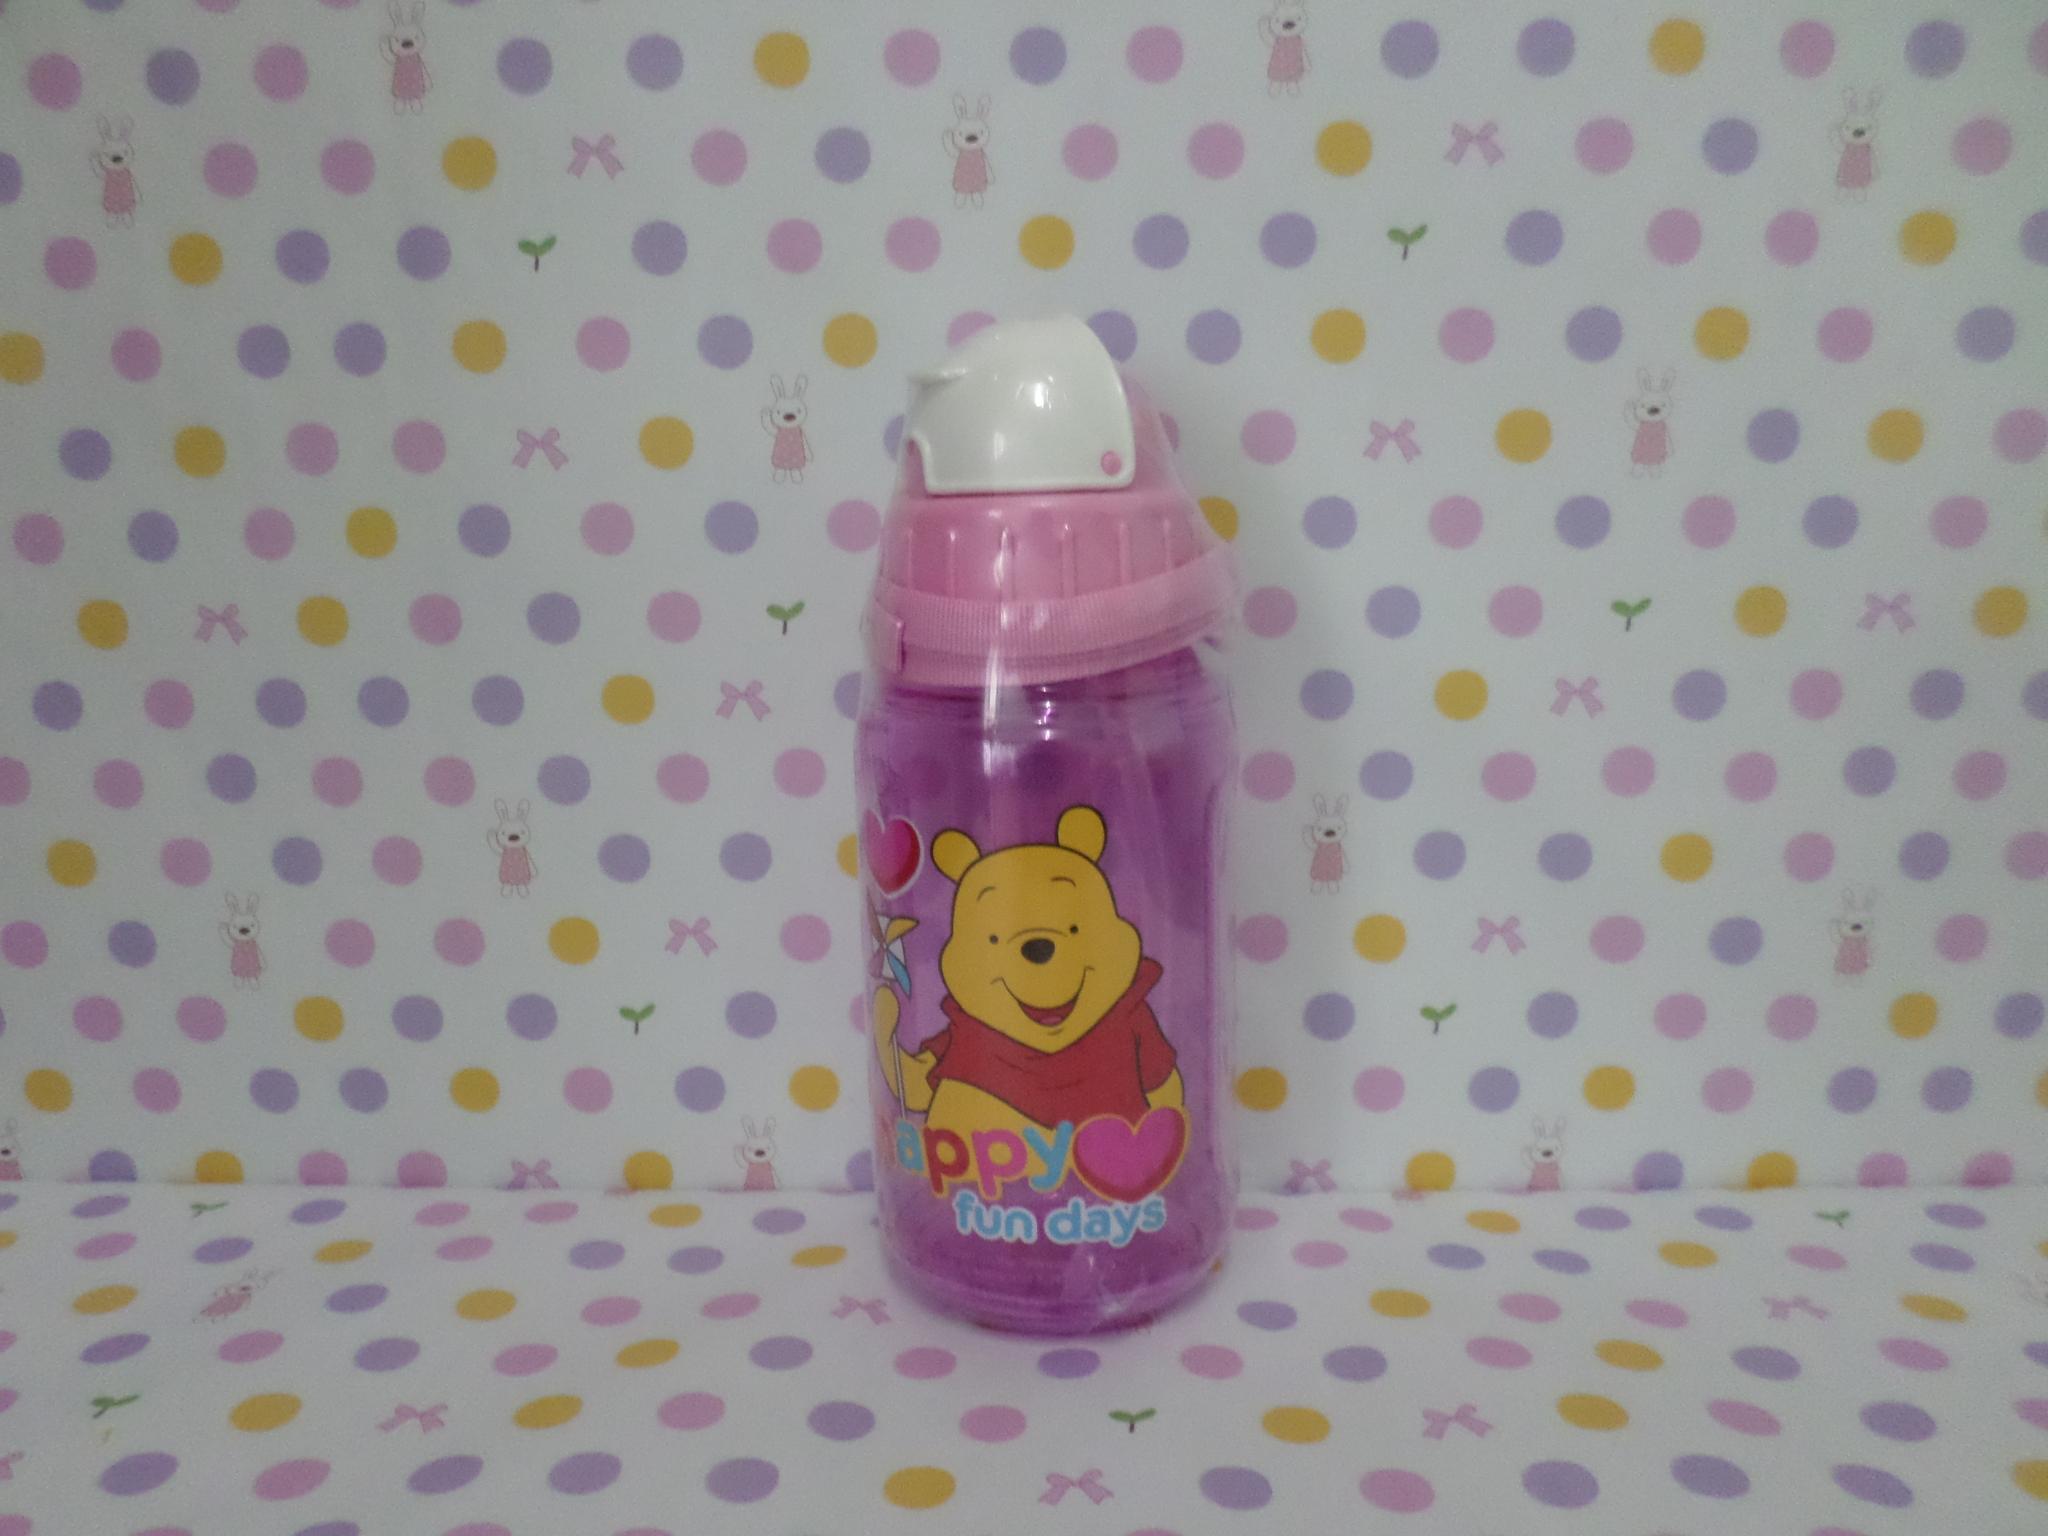 ขวดใส่น้ำดื่ม หมีพูห์ pooh ขนาดสูง 19 ซม. สผก 7 ซม. มีสายคล้องคอพร้อมหลอดดูด